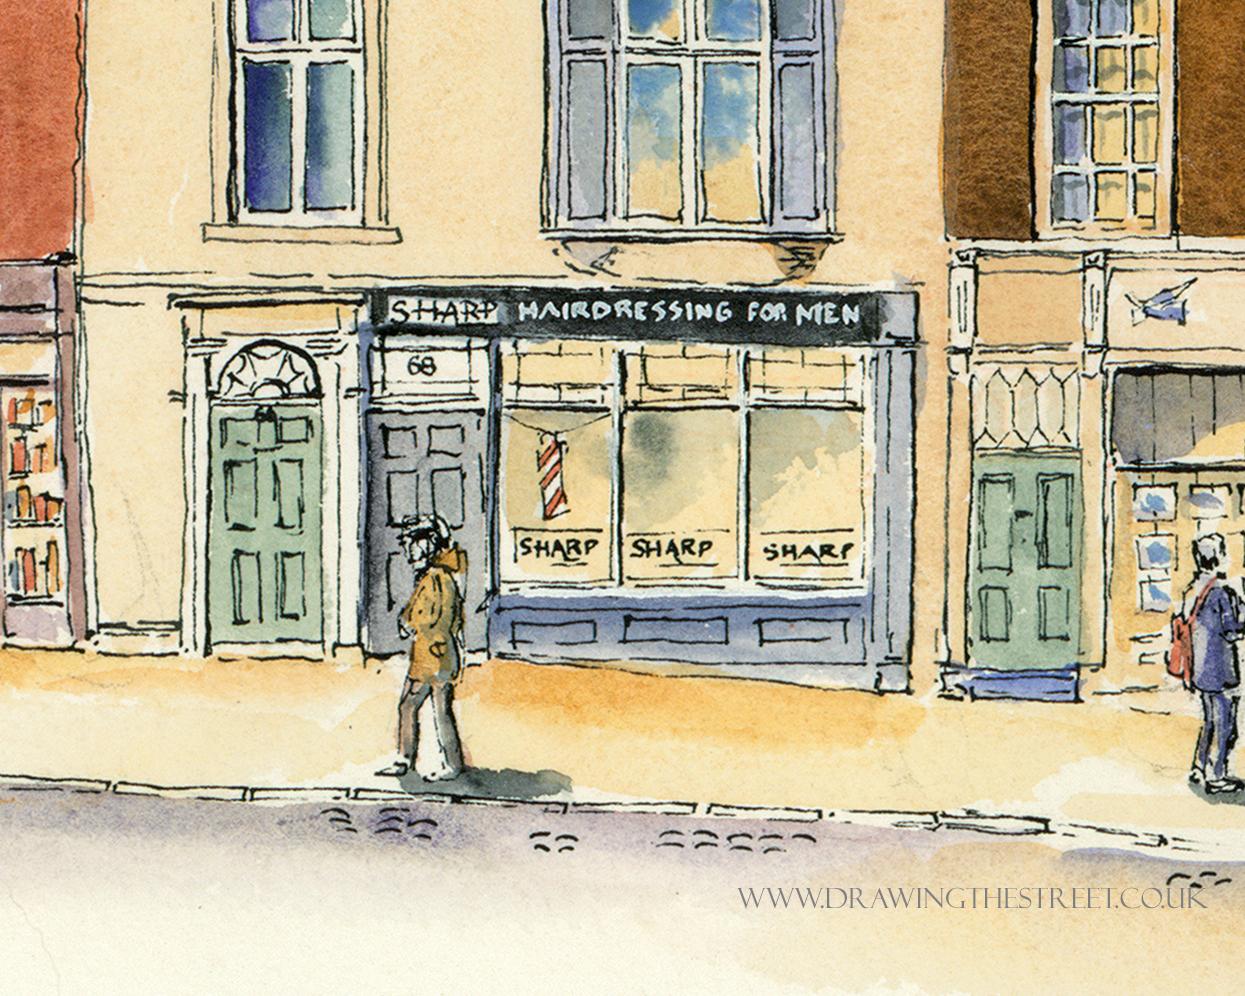 Sharp Hairdressing for men, 68 Micklegate shop front